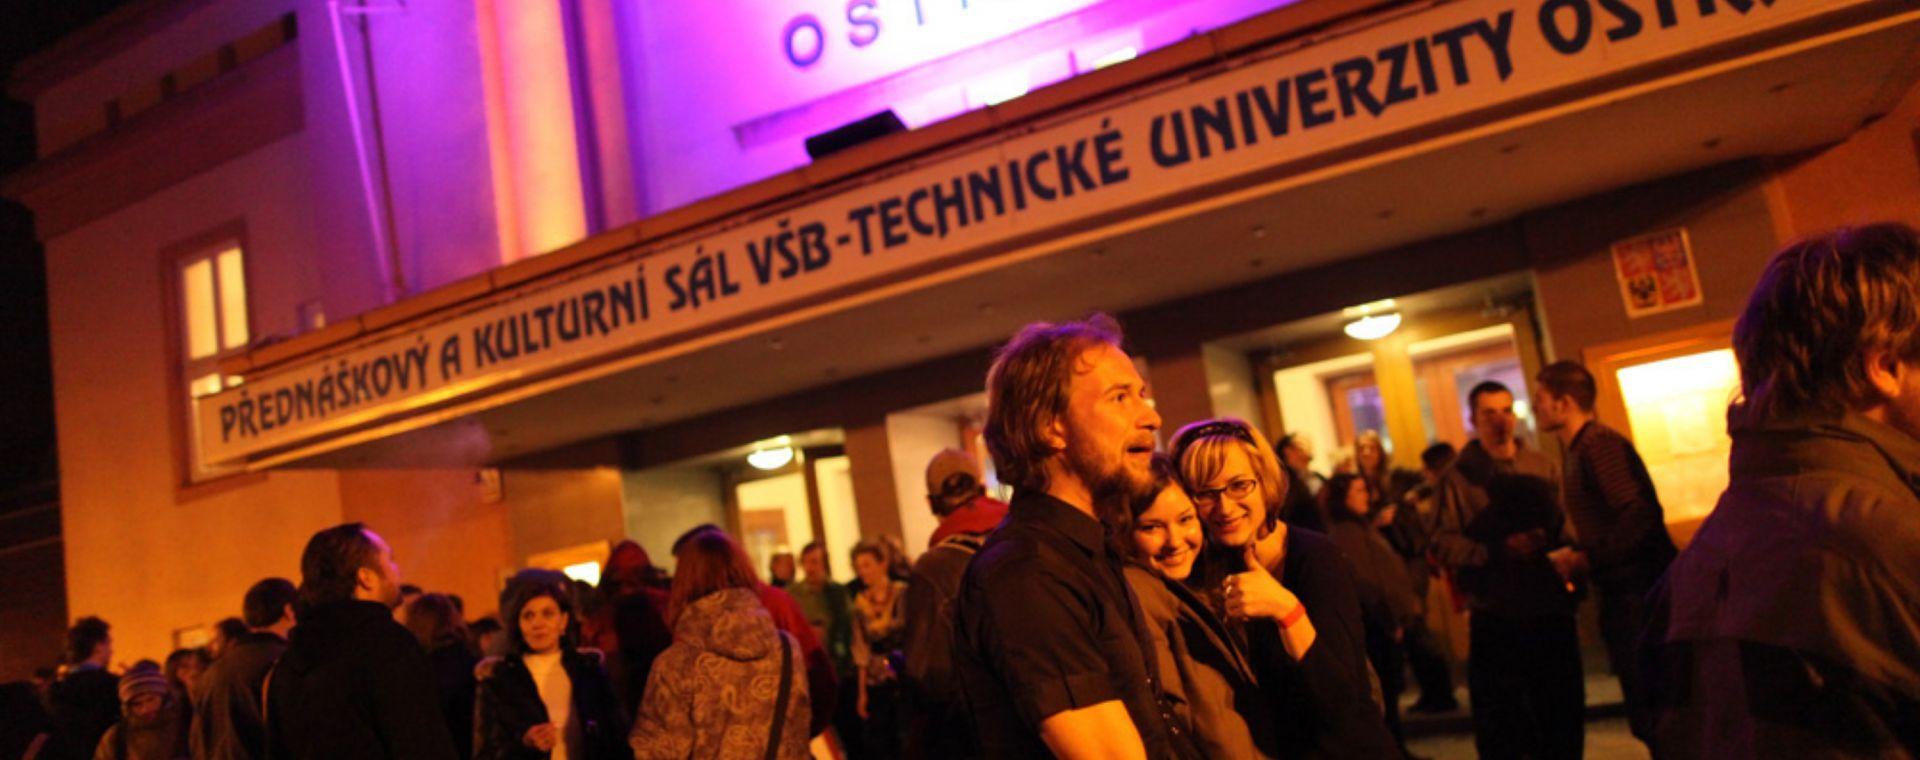 Pecha Kucha night Ostrava - nasvícení akce, spolupráce s Philips lighting, 2011, CZ